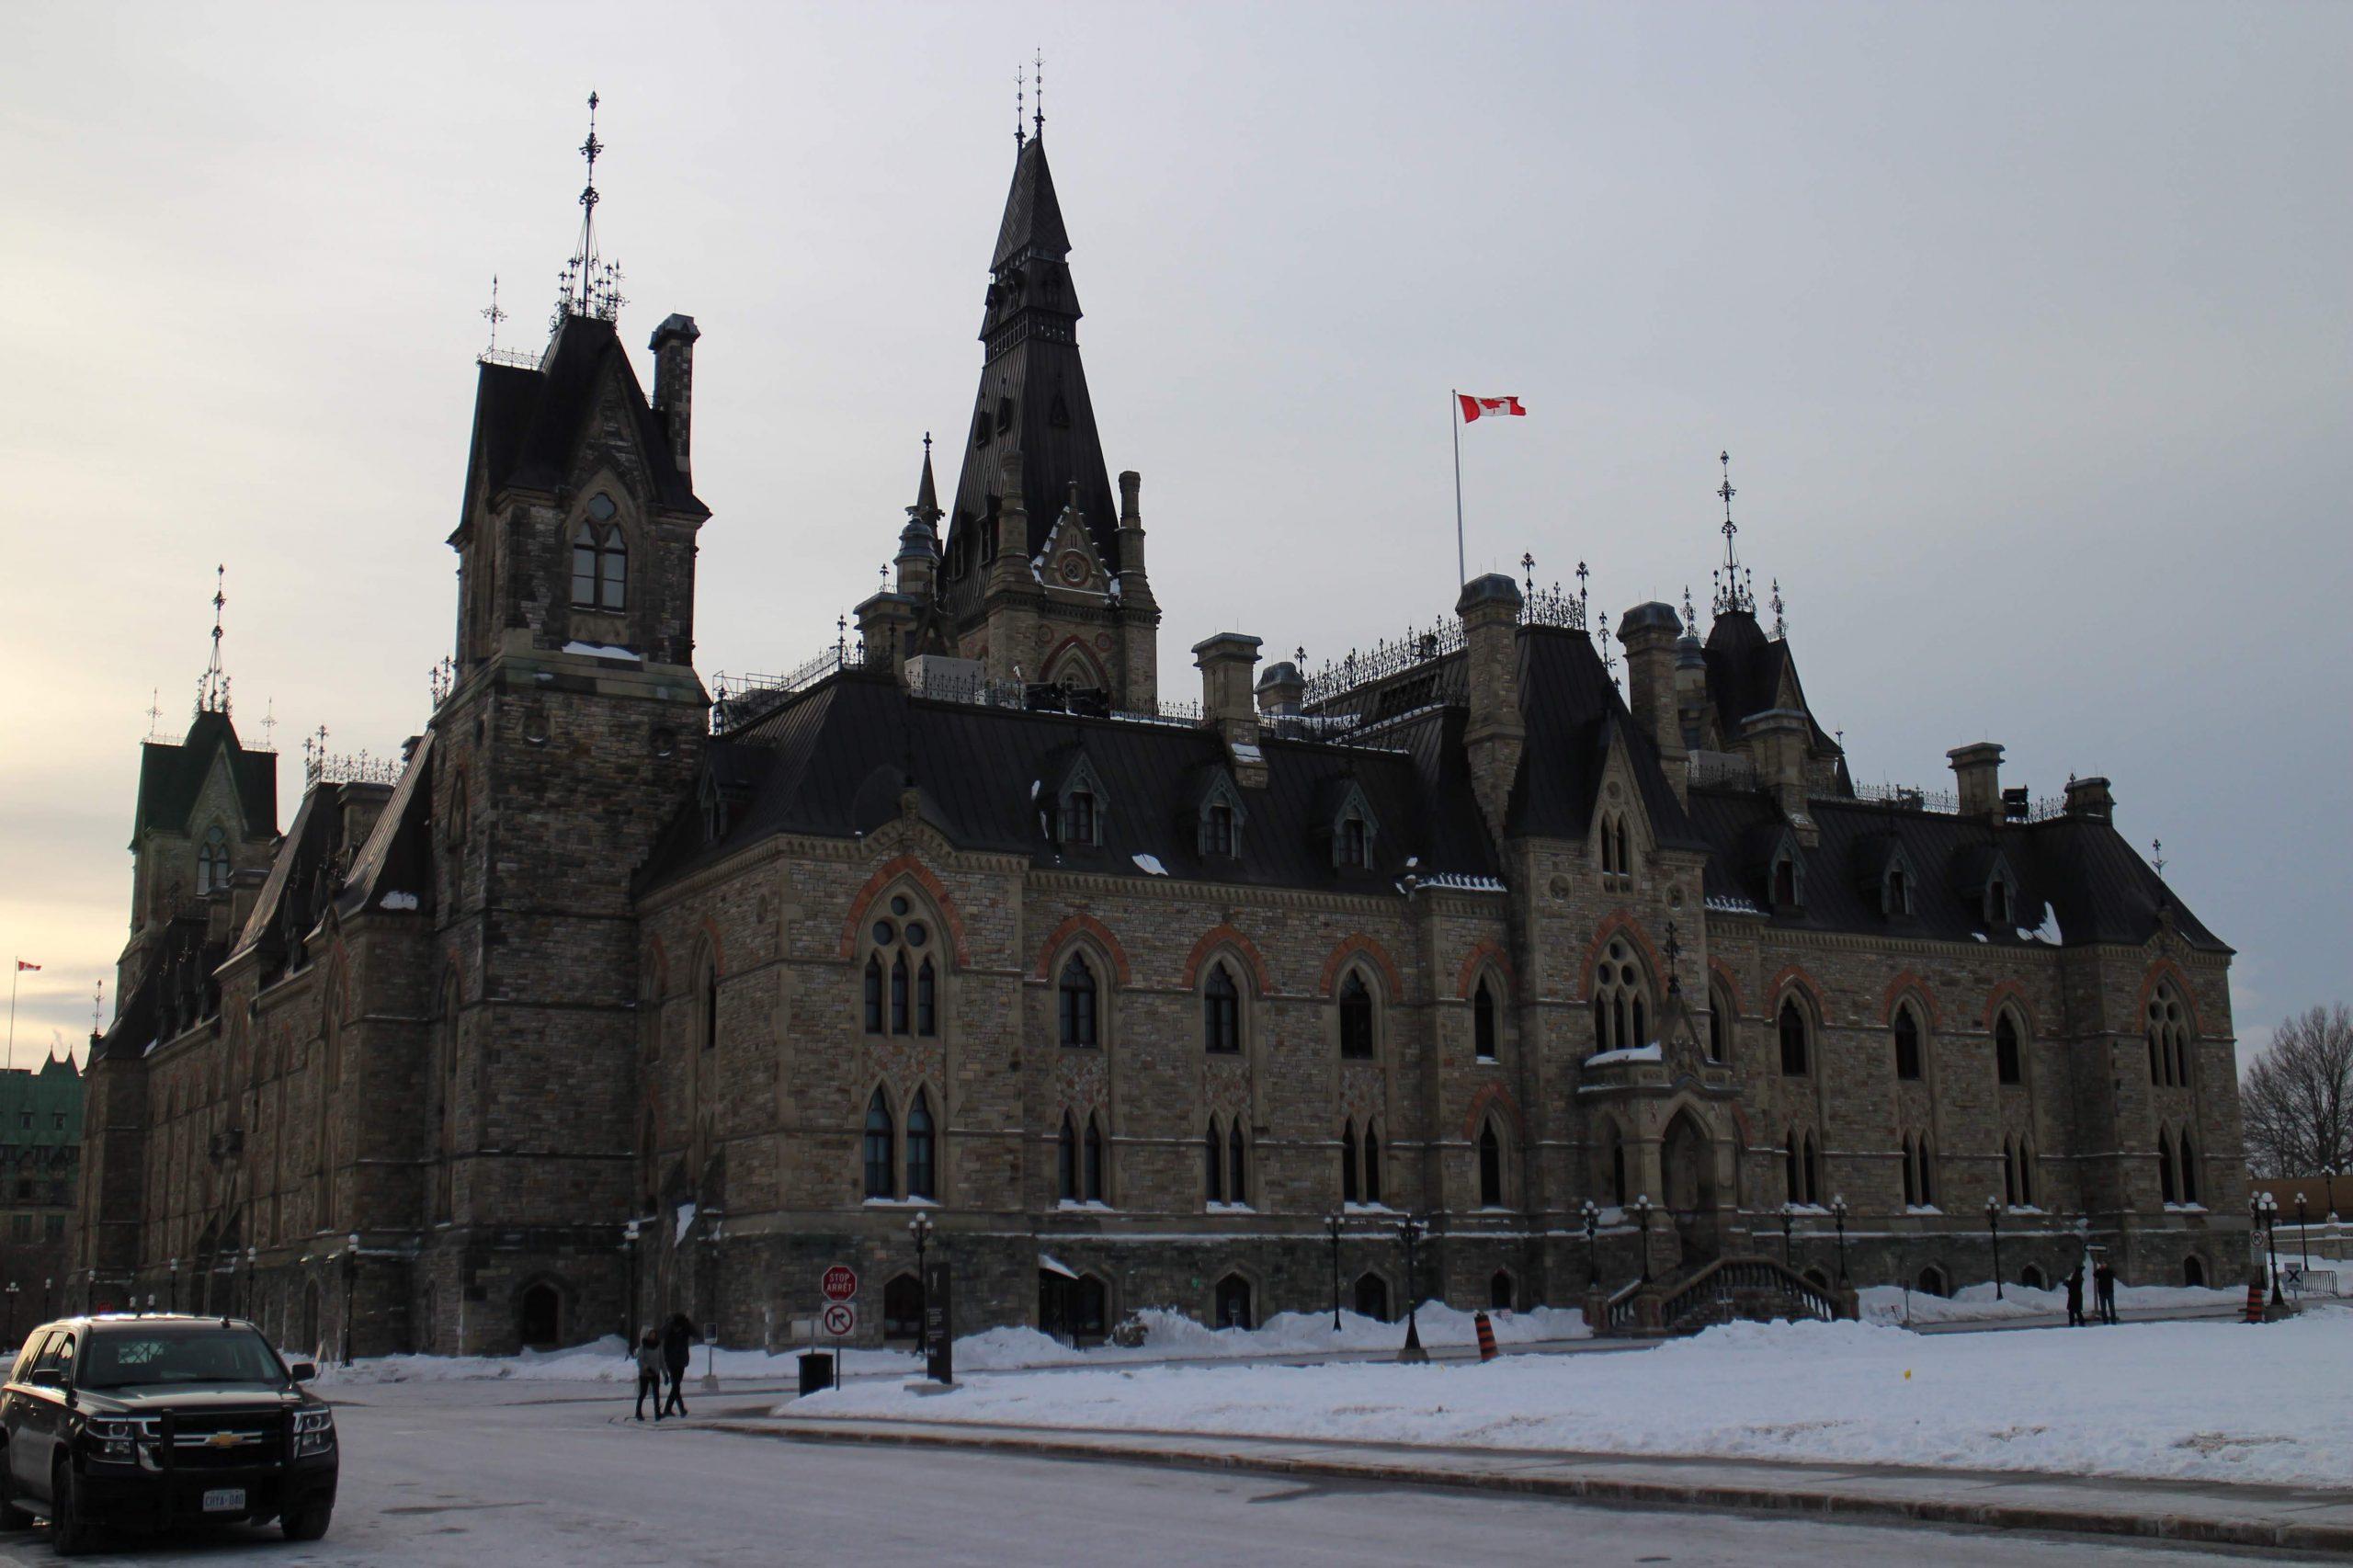 Suite, somme, limite, inéquation, algorithme, terminale, Ottawa, Canada